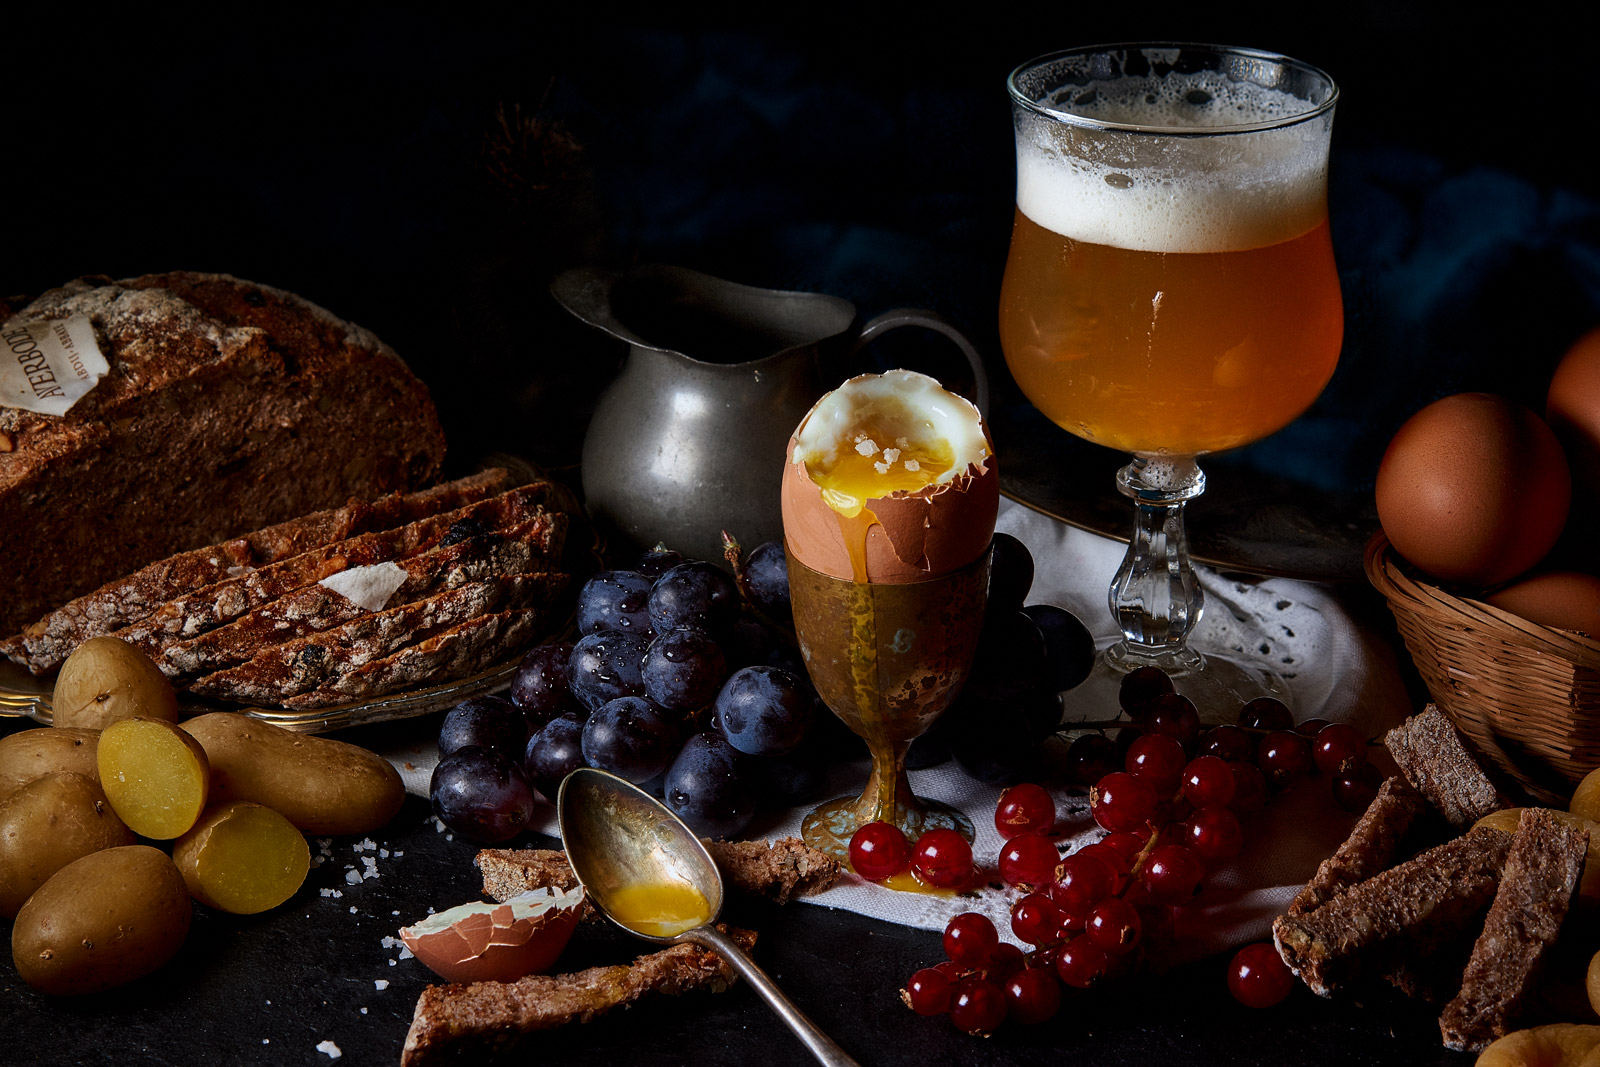 oeuf-nature-morte-patisseries-desserts-gaufres-crepes-boulangerie-photo-alimentation-plats-cuisine-tournai-ath-leuze-mouscron-peruwelz